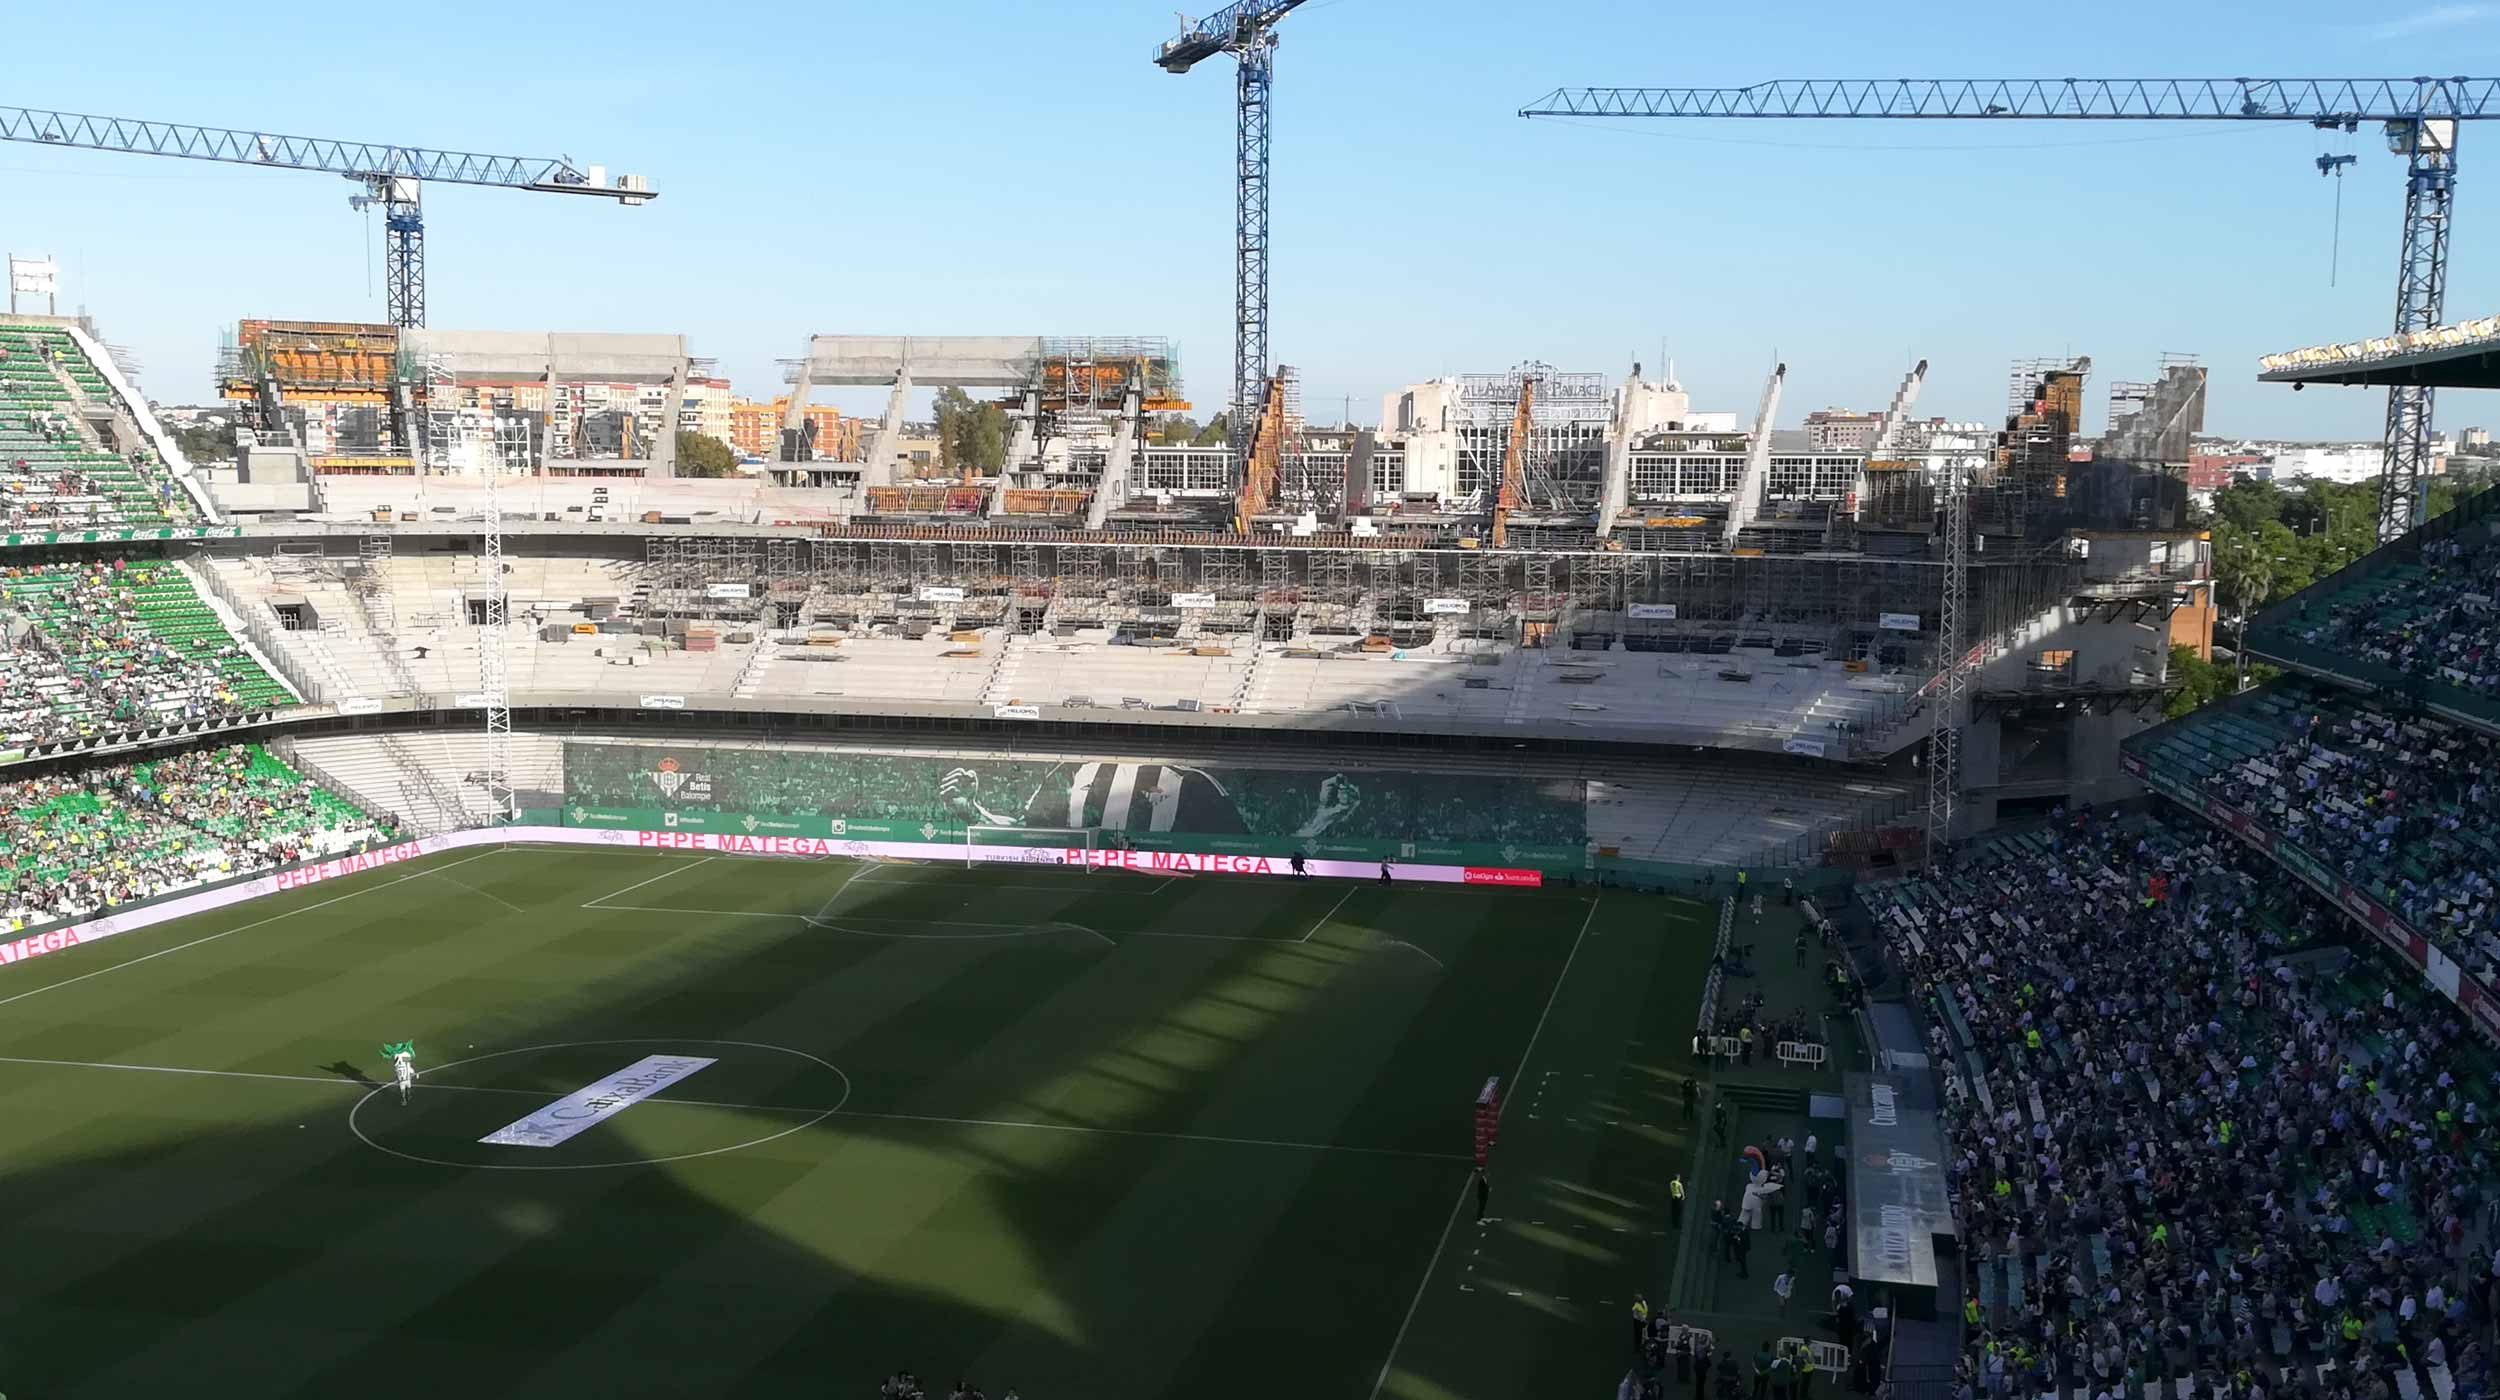 El proyecto comprende la construcción de la grada sur del Estadio Benito Villamarín en Sevilla. El incremento del foro en más de 14.000 asientos lo convierten en el cuarto estadio de mayor capacidad de España.